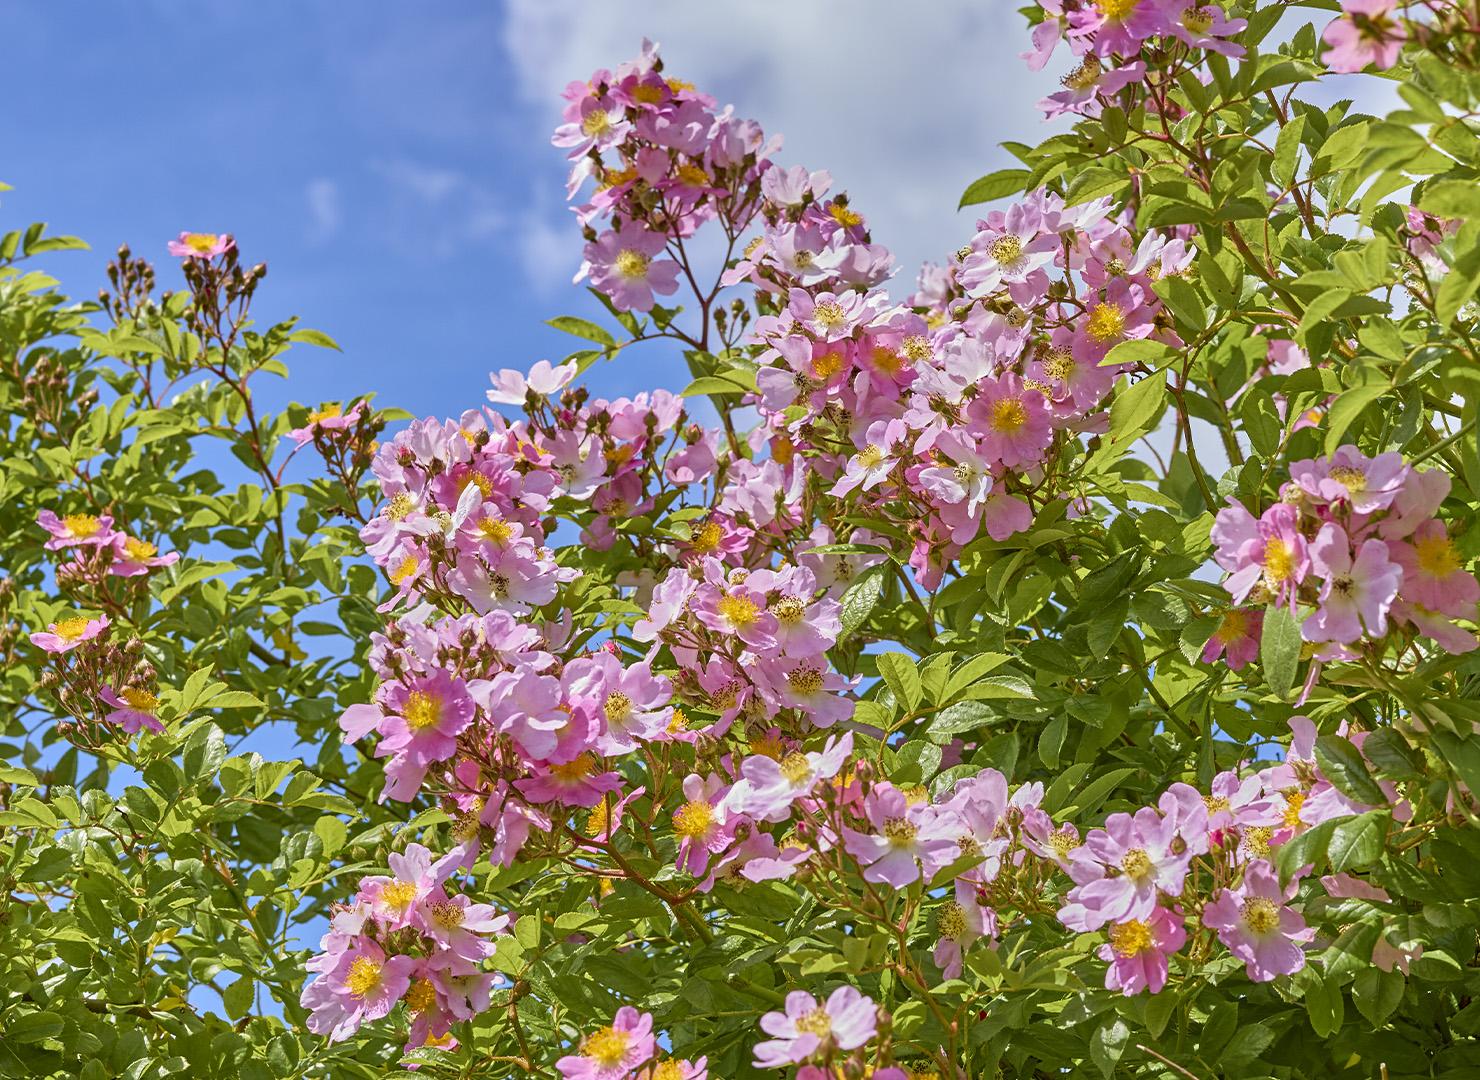 つくし野ばら - Rosa multiflora var.adenochaeta